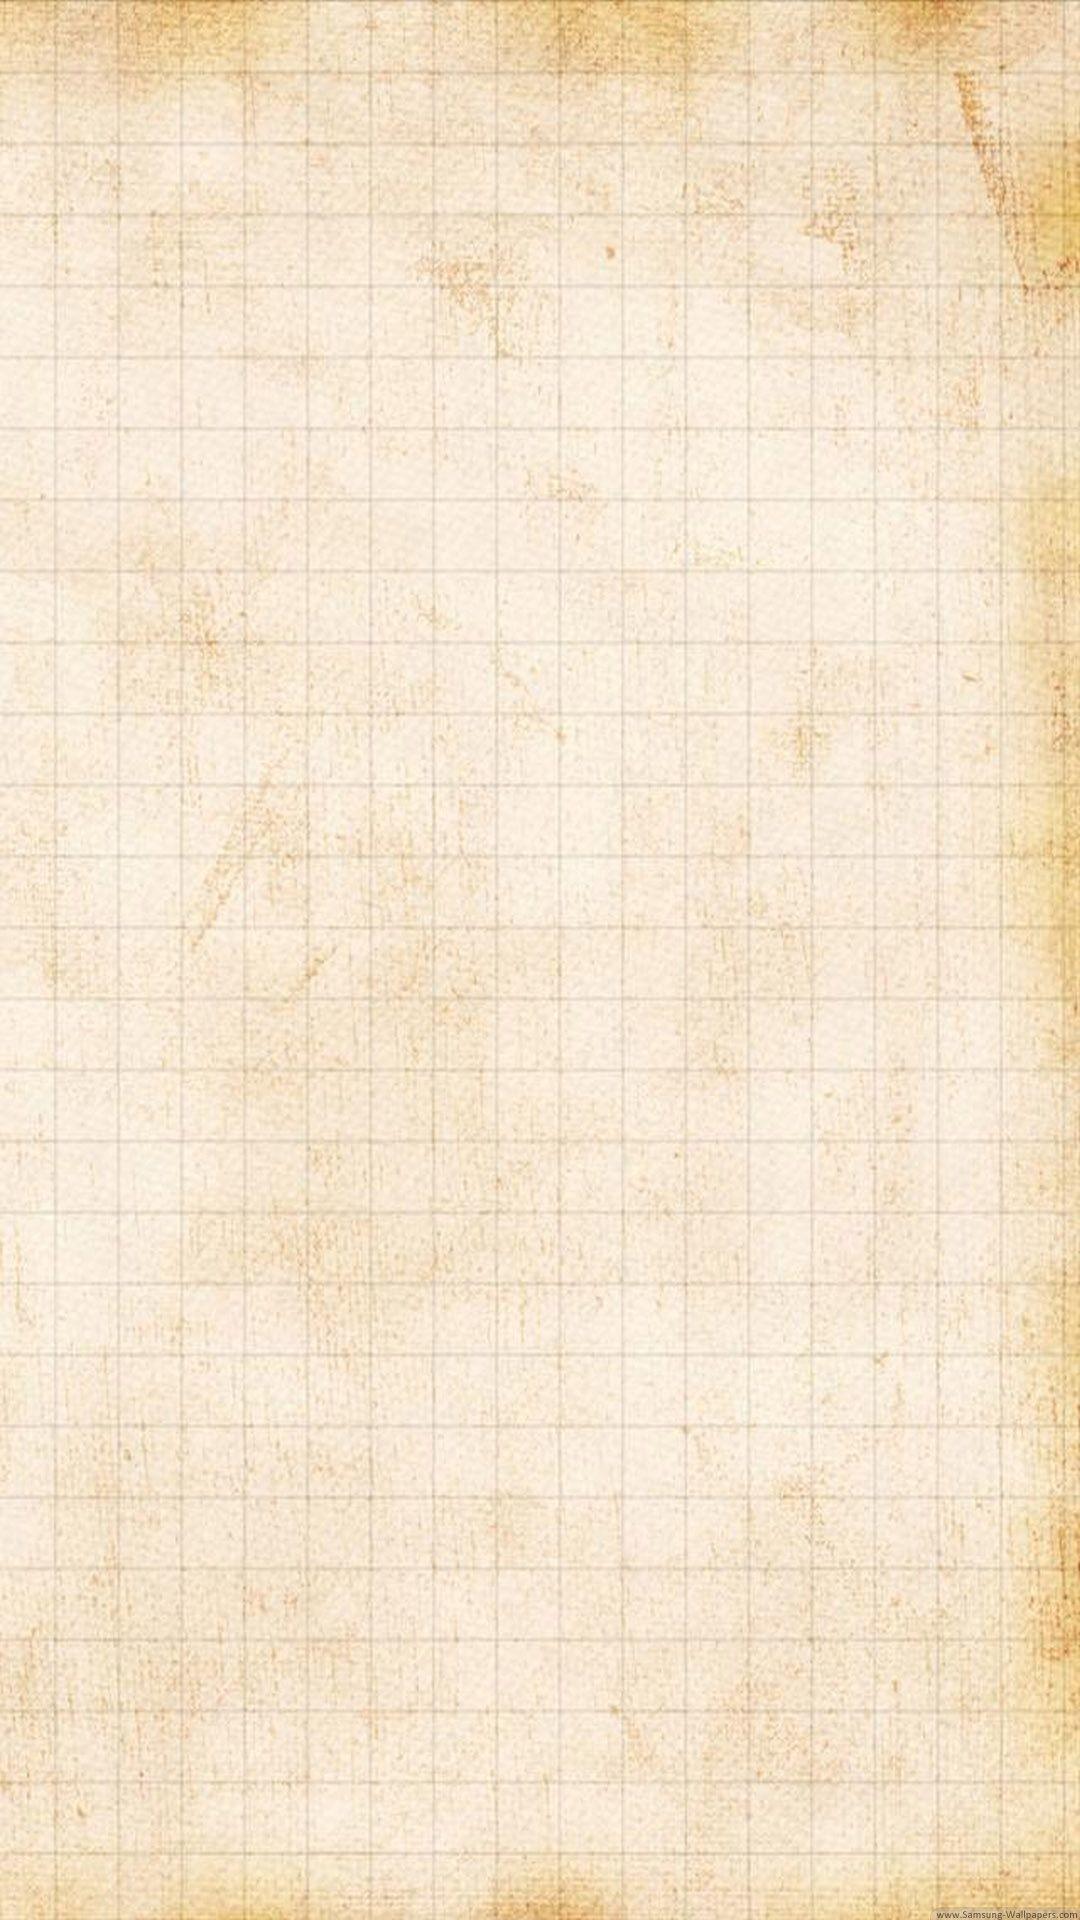 wallpaper-notebook